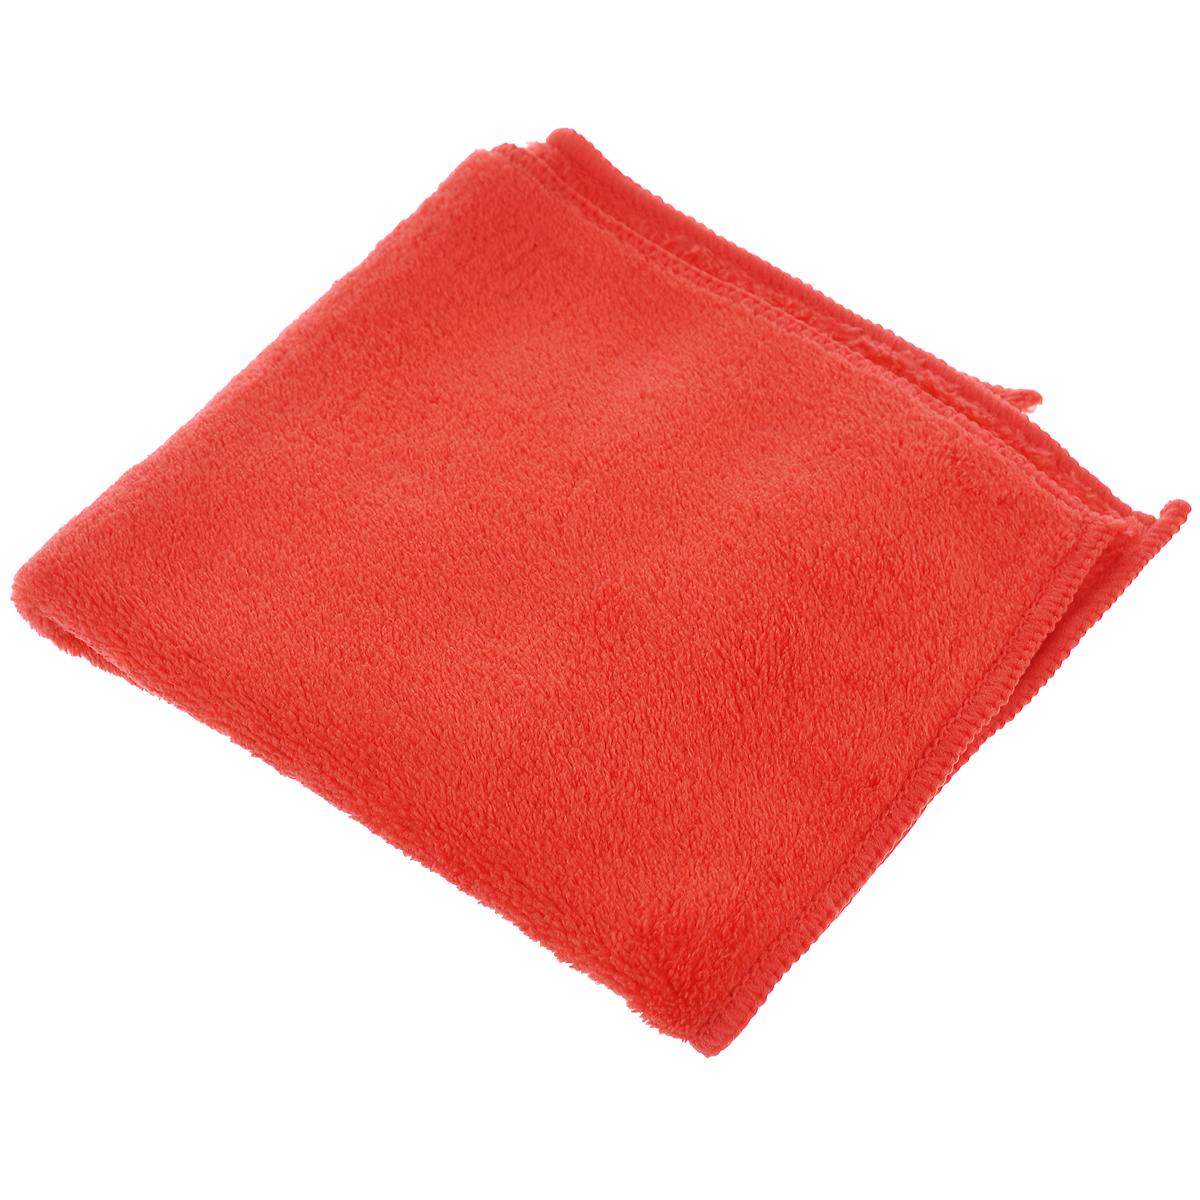 Салфетка для сухой уборки Celesta, из микрофибры, цвет: коралловый, 30 х 30 см870102Салфетка из микрофибры Celesta идеально подходит для сухой уборки, отлично очищает пыль на полированных поверхностях. После обработки салфеткой поверхность становится антистатической и пыль в дальнейшем на нее осаждается меньше. Состав: полиэстер 100%.Размер салфетки: 30 см х 30 см.